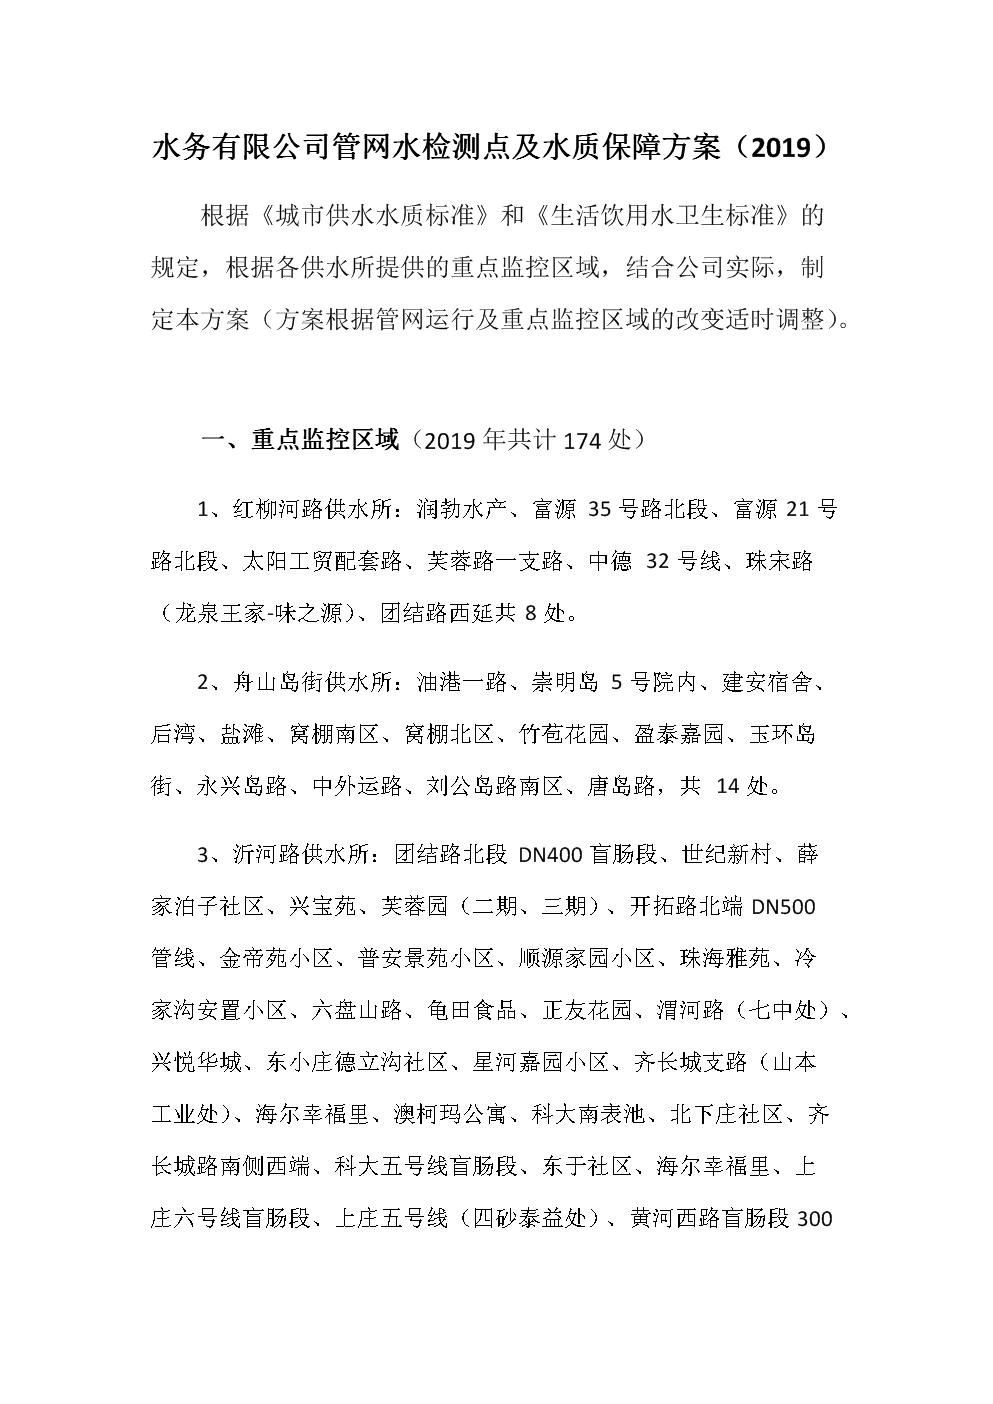 管网水检测点及水质保障方案 (2019).docx